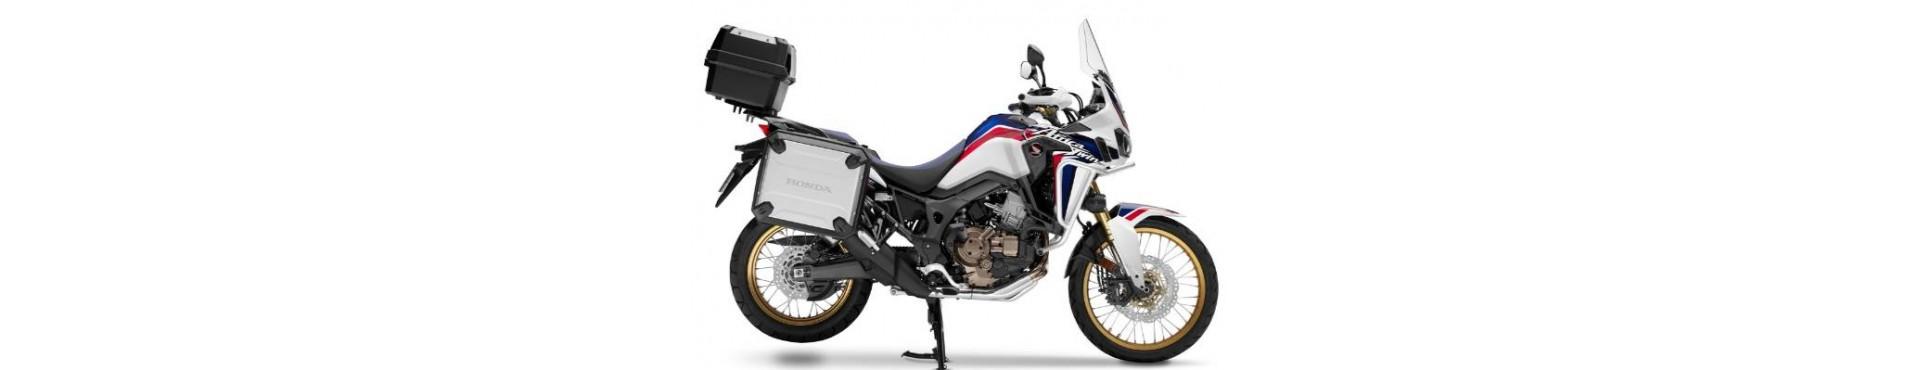 Accessori Moto Scooter e pezzi di ricambio Vespa shop by Best Motor